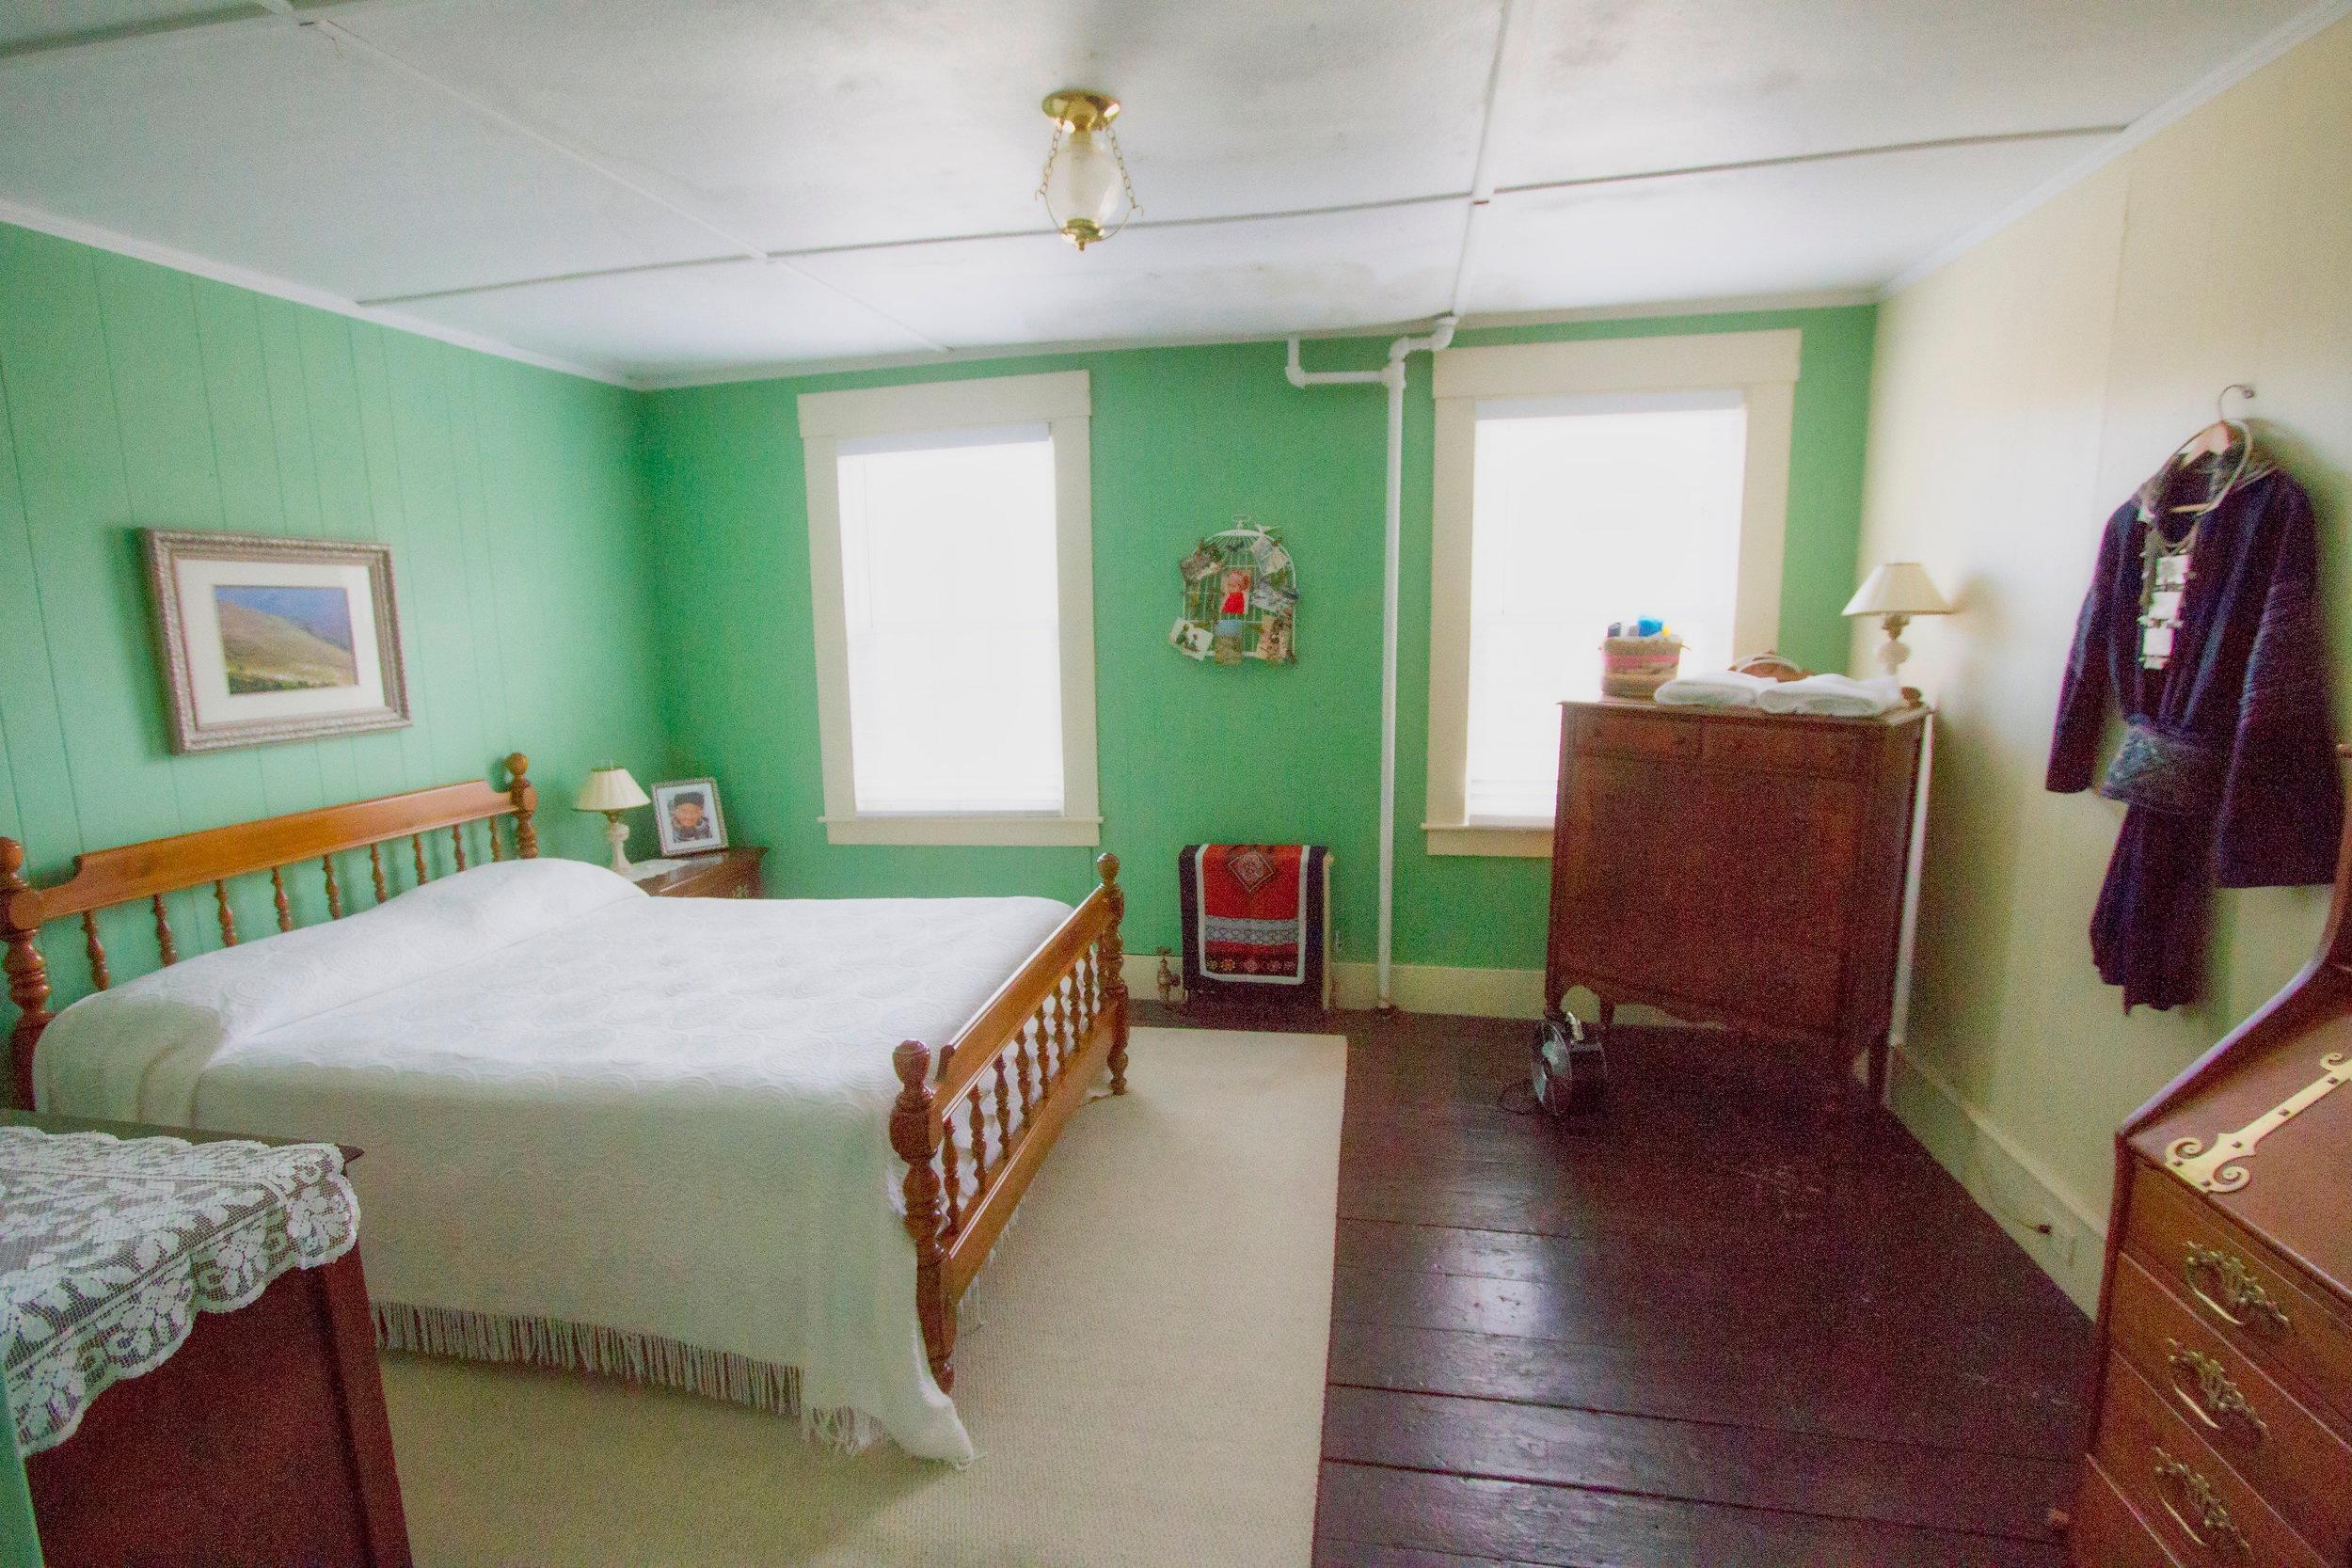 Unique guest rooms